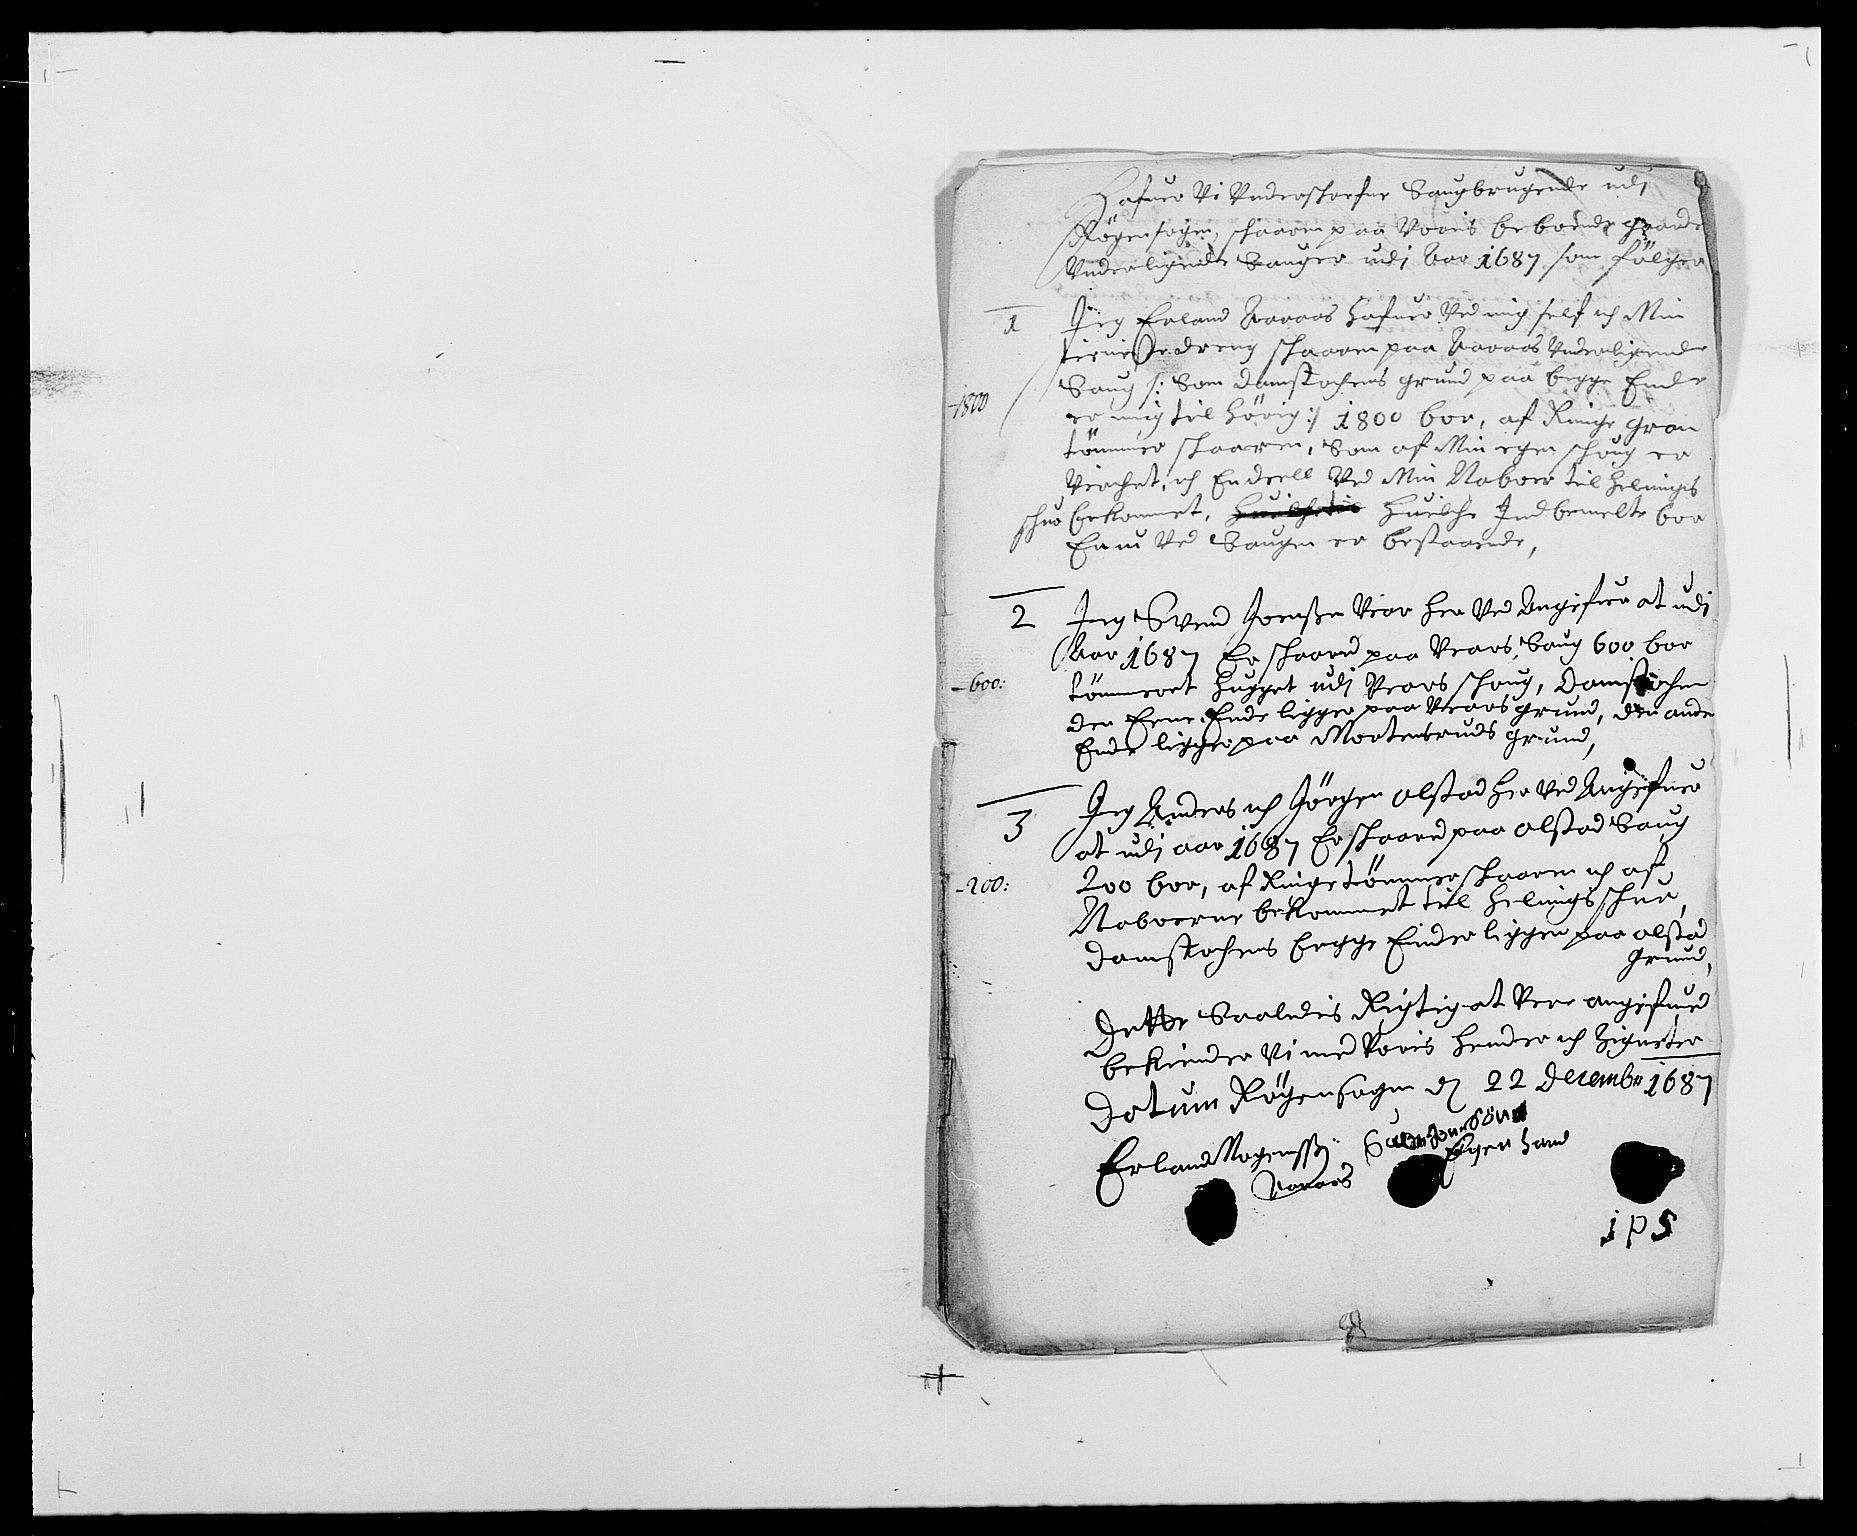 RA, Rentekammeret inntil 1814, Reviderte regnskaper, Fogderegnskap, R29/L1692: Fogderegnskap Hurum og Røyken, 1682-1687, s. 336